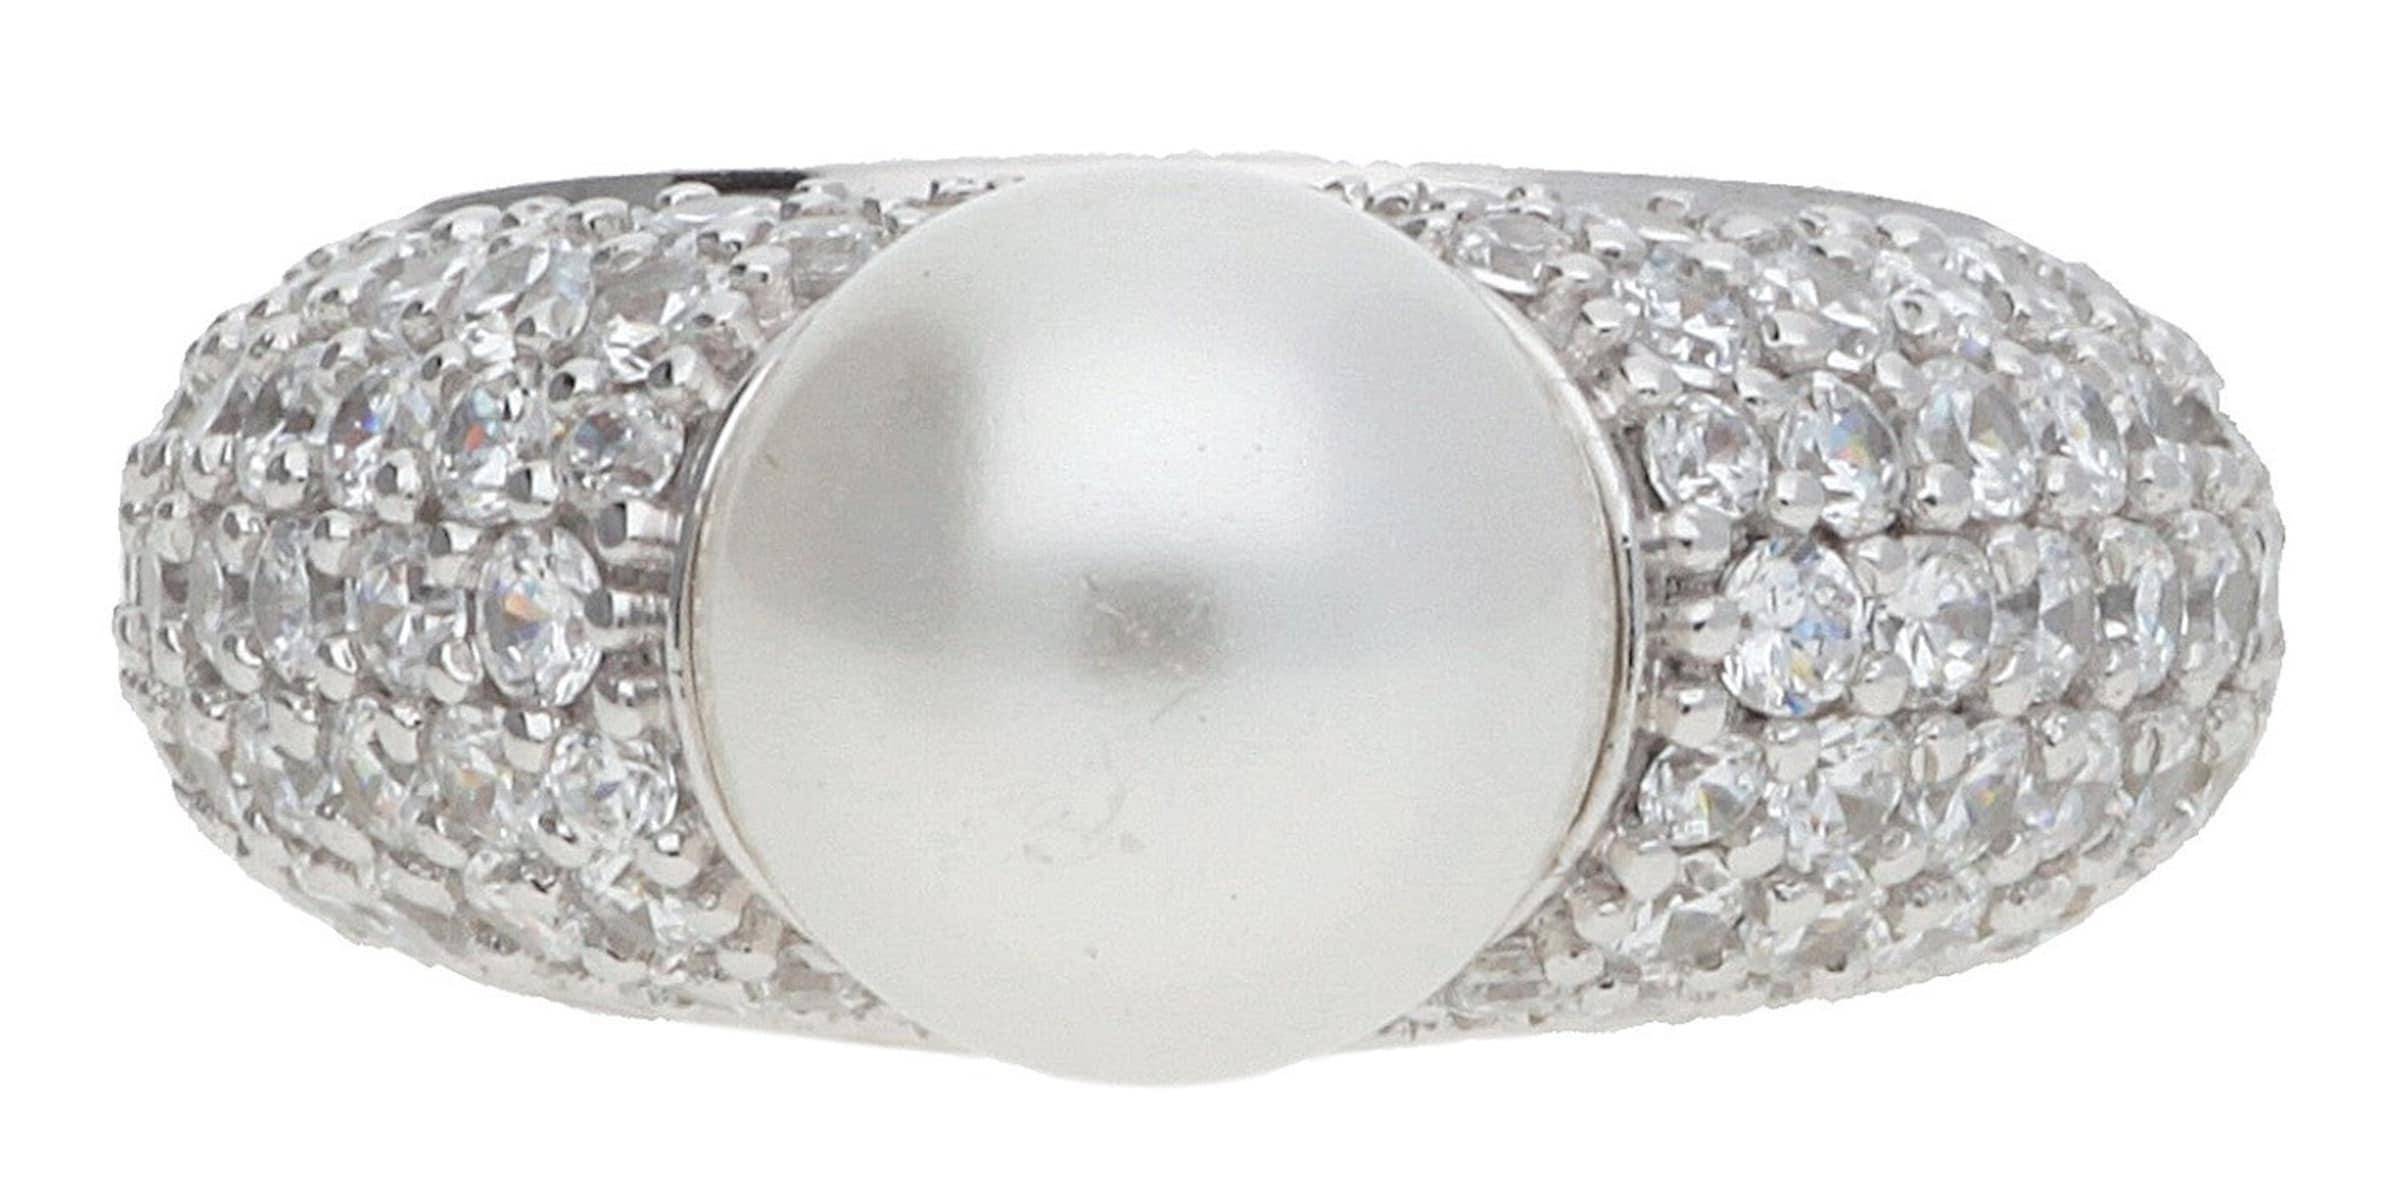 JOOP! Damen Fingerring Silber Silber Michelle JPRG90645A Einkaufen Auslassstellen Verkauf Online Verkauf Wahl Freies Verschiffen Zuverlässig gPnkWIhXVh